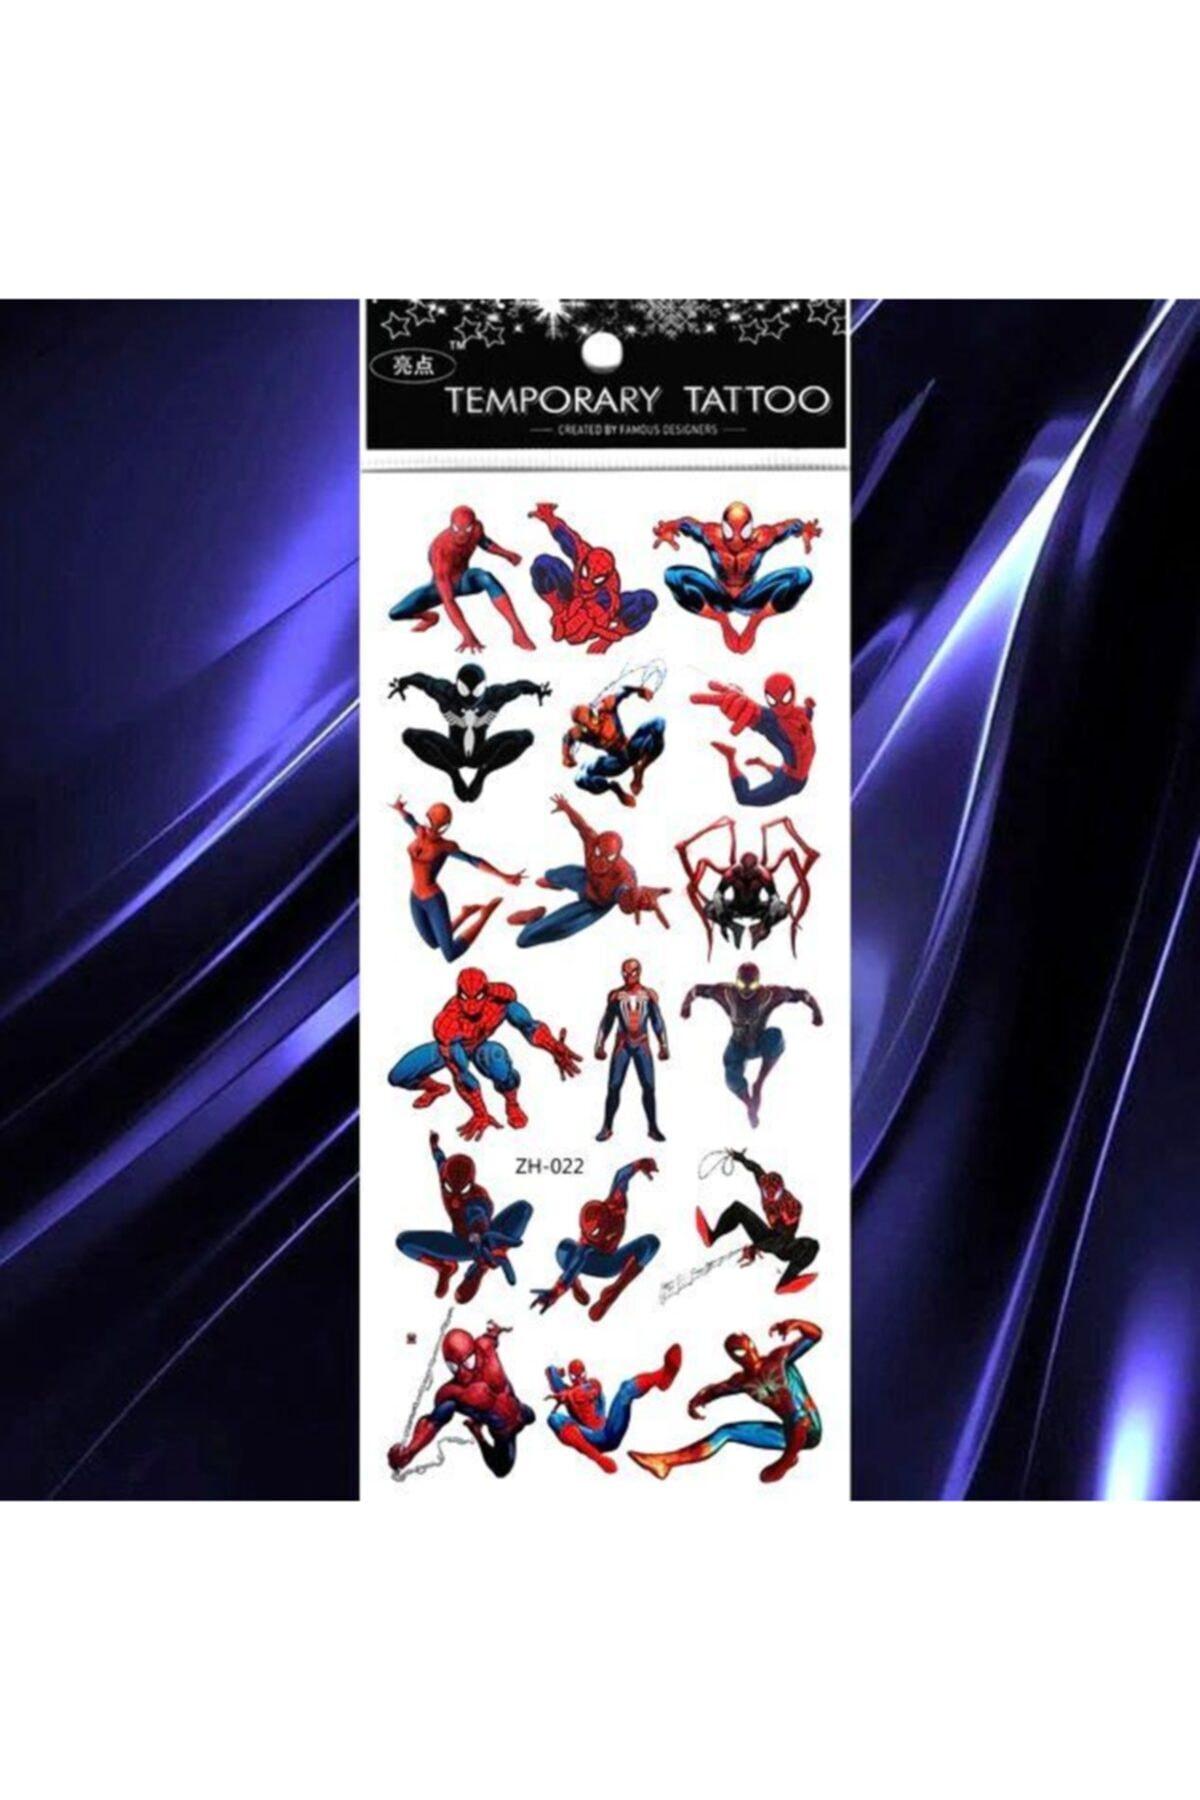 Market66 Geçici Çocuk Dövmesi 18 Adet Örümcek Adam Spiderman Su Geçirmez Tattoo 1